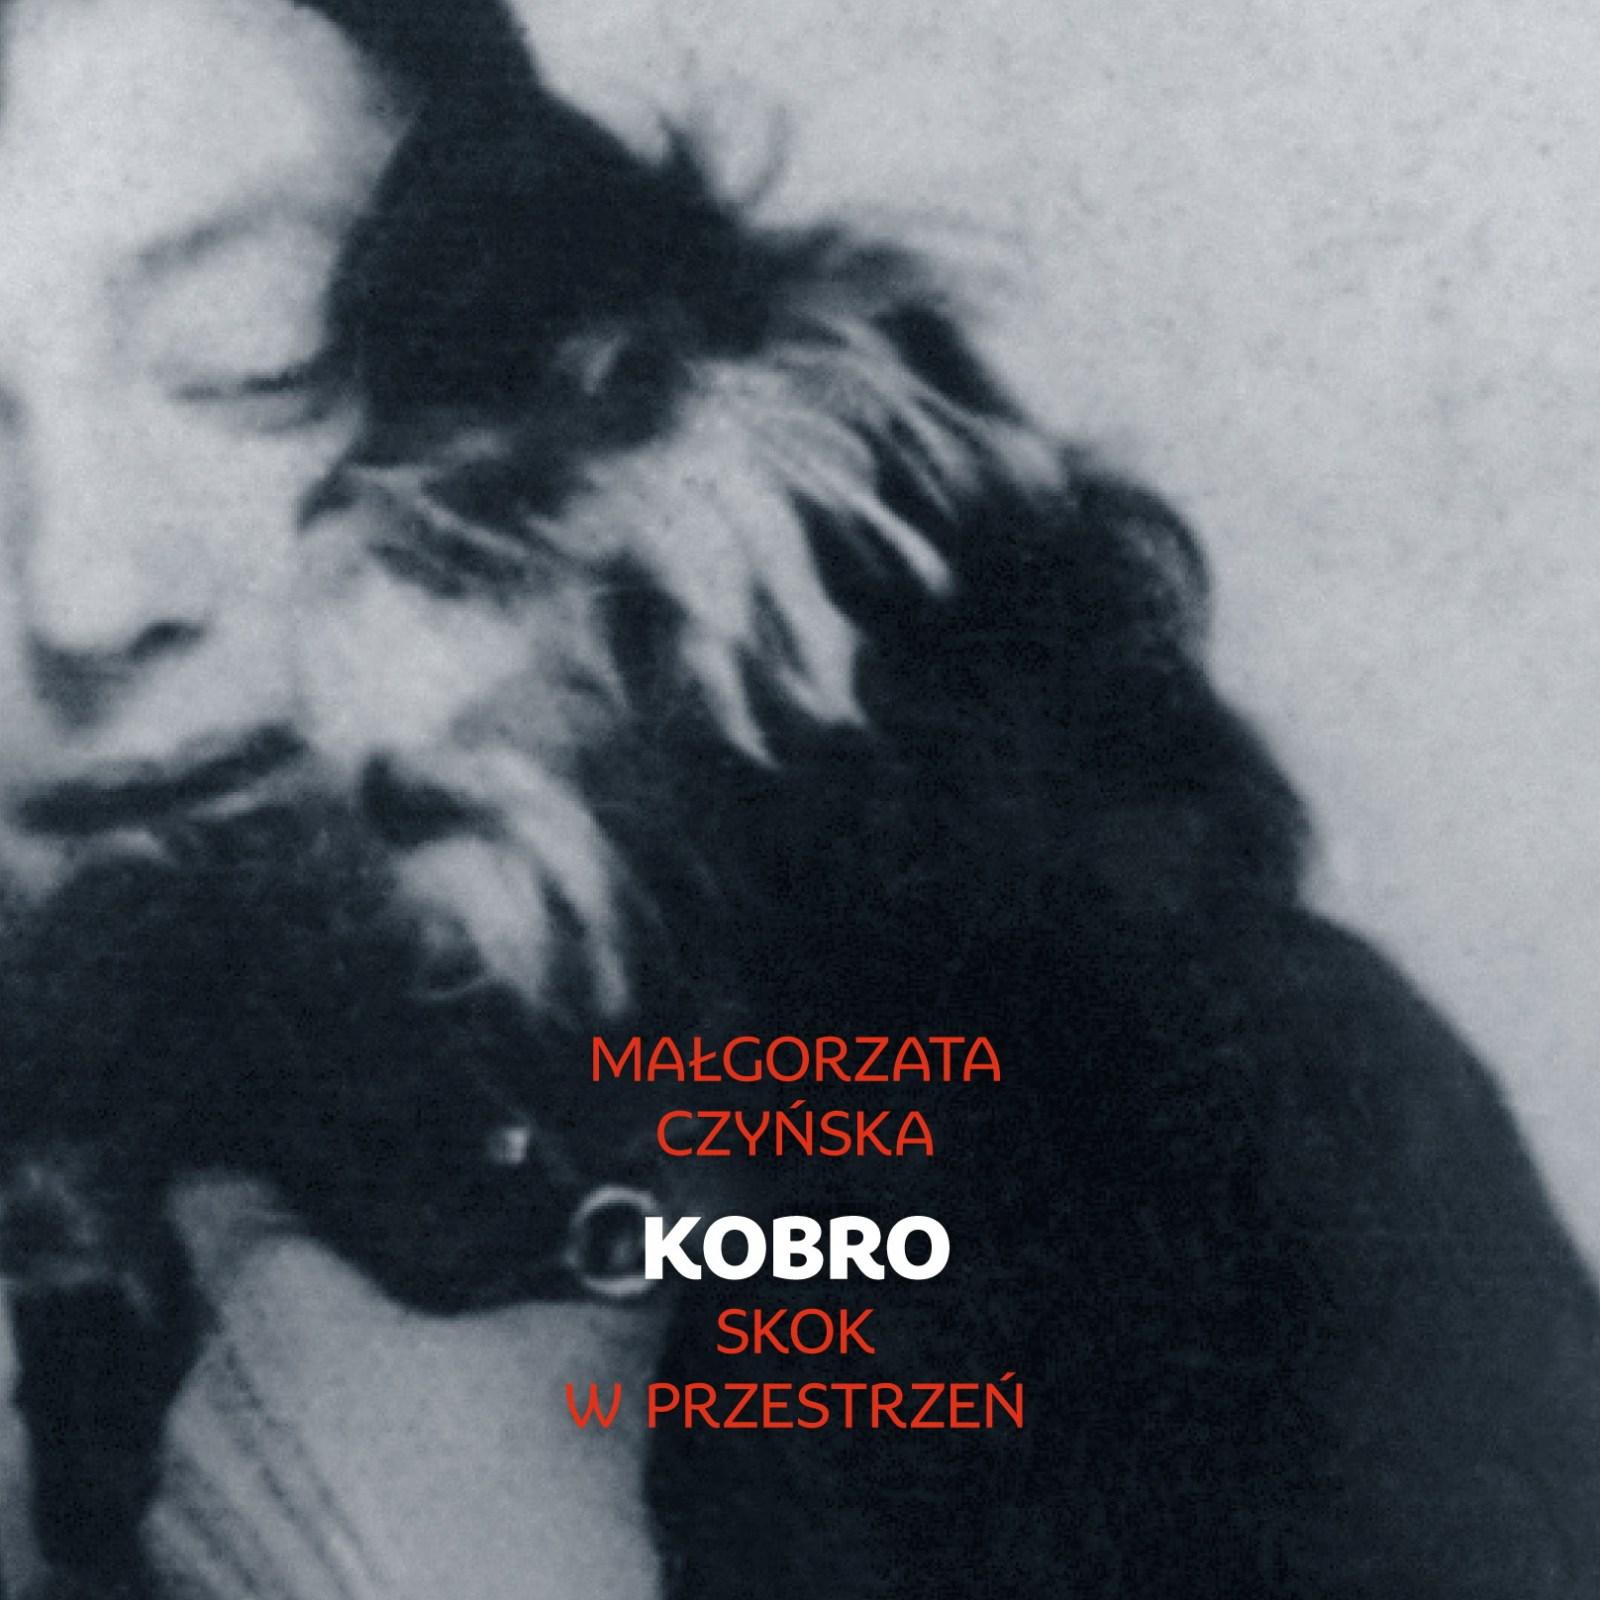 """Małgorzata Czyńska """"Kobro. Skok w przestrzeń"""", Wydawnictwo Czarne, Warszawa 2015"""